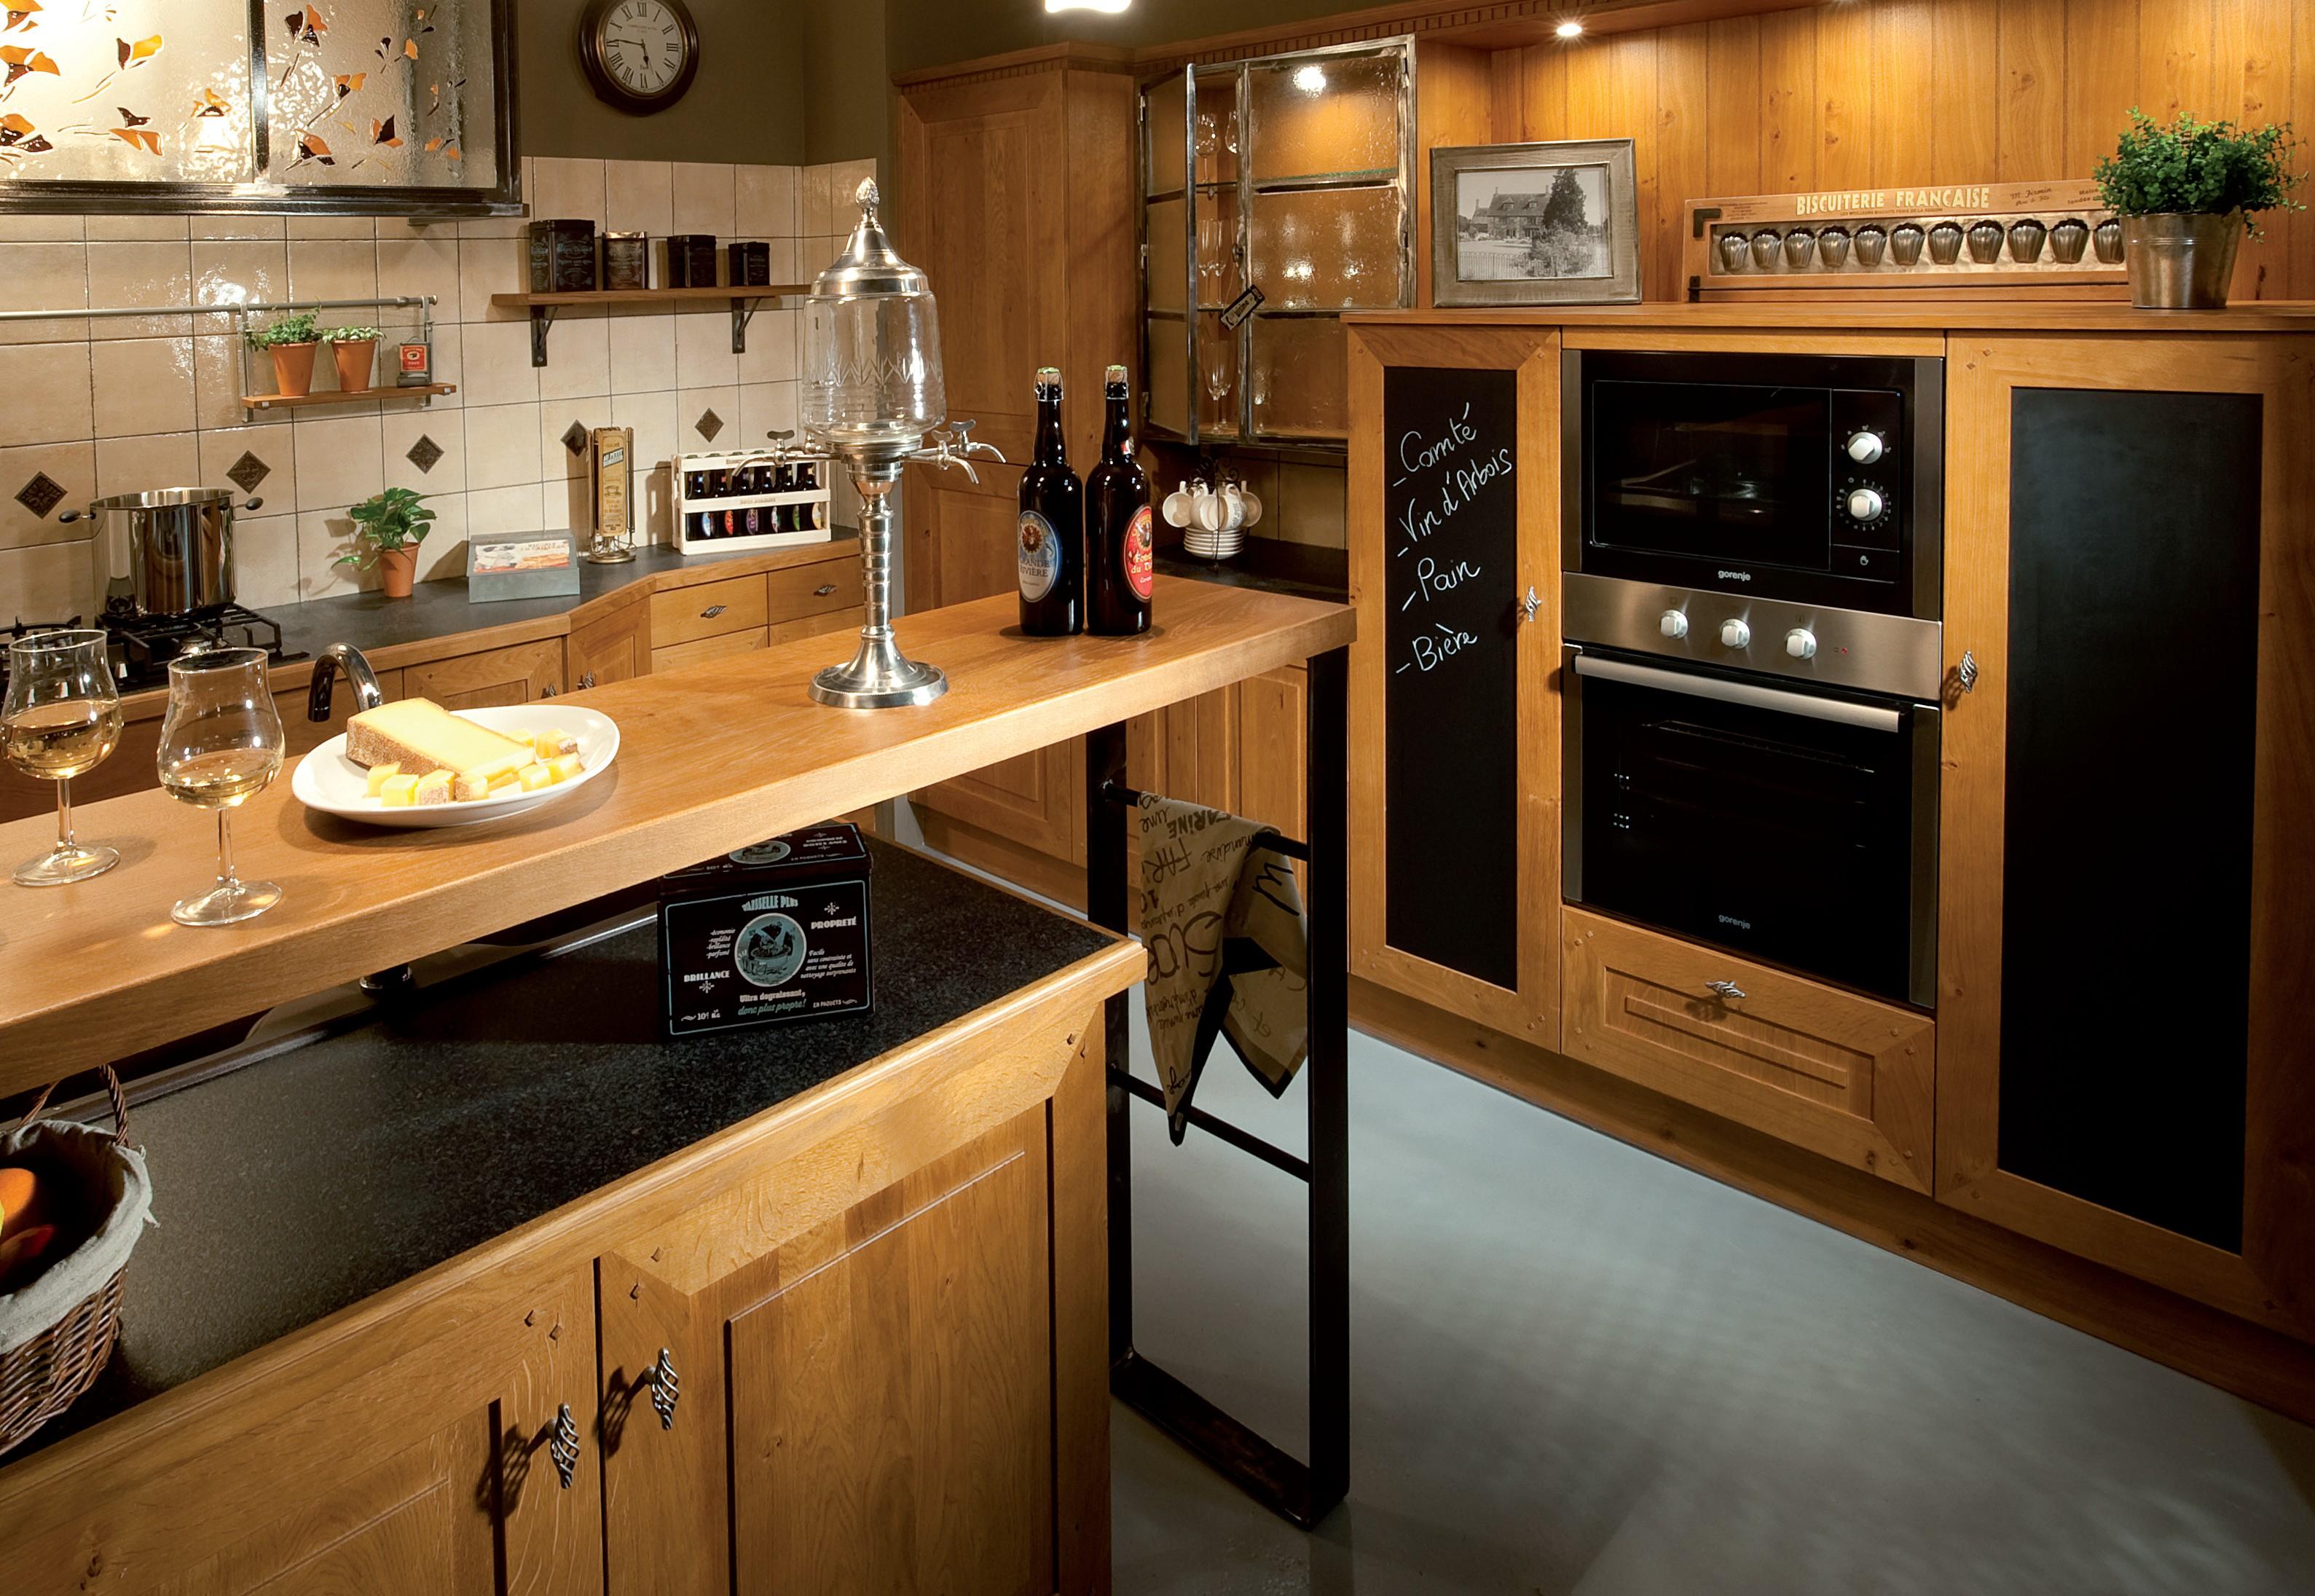 Modele de cuisine moderne en bois for Bois cuisine moderne